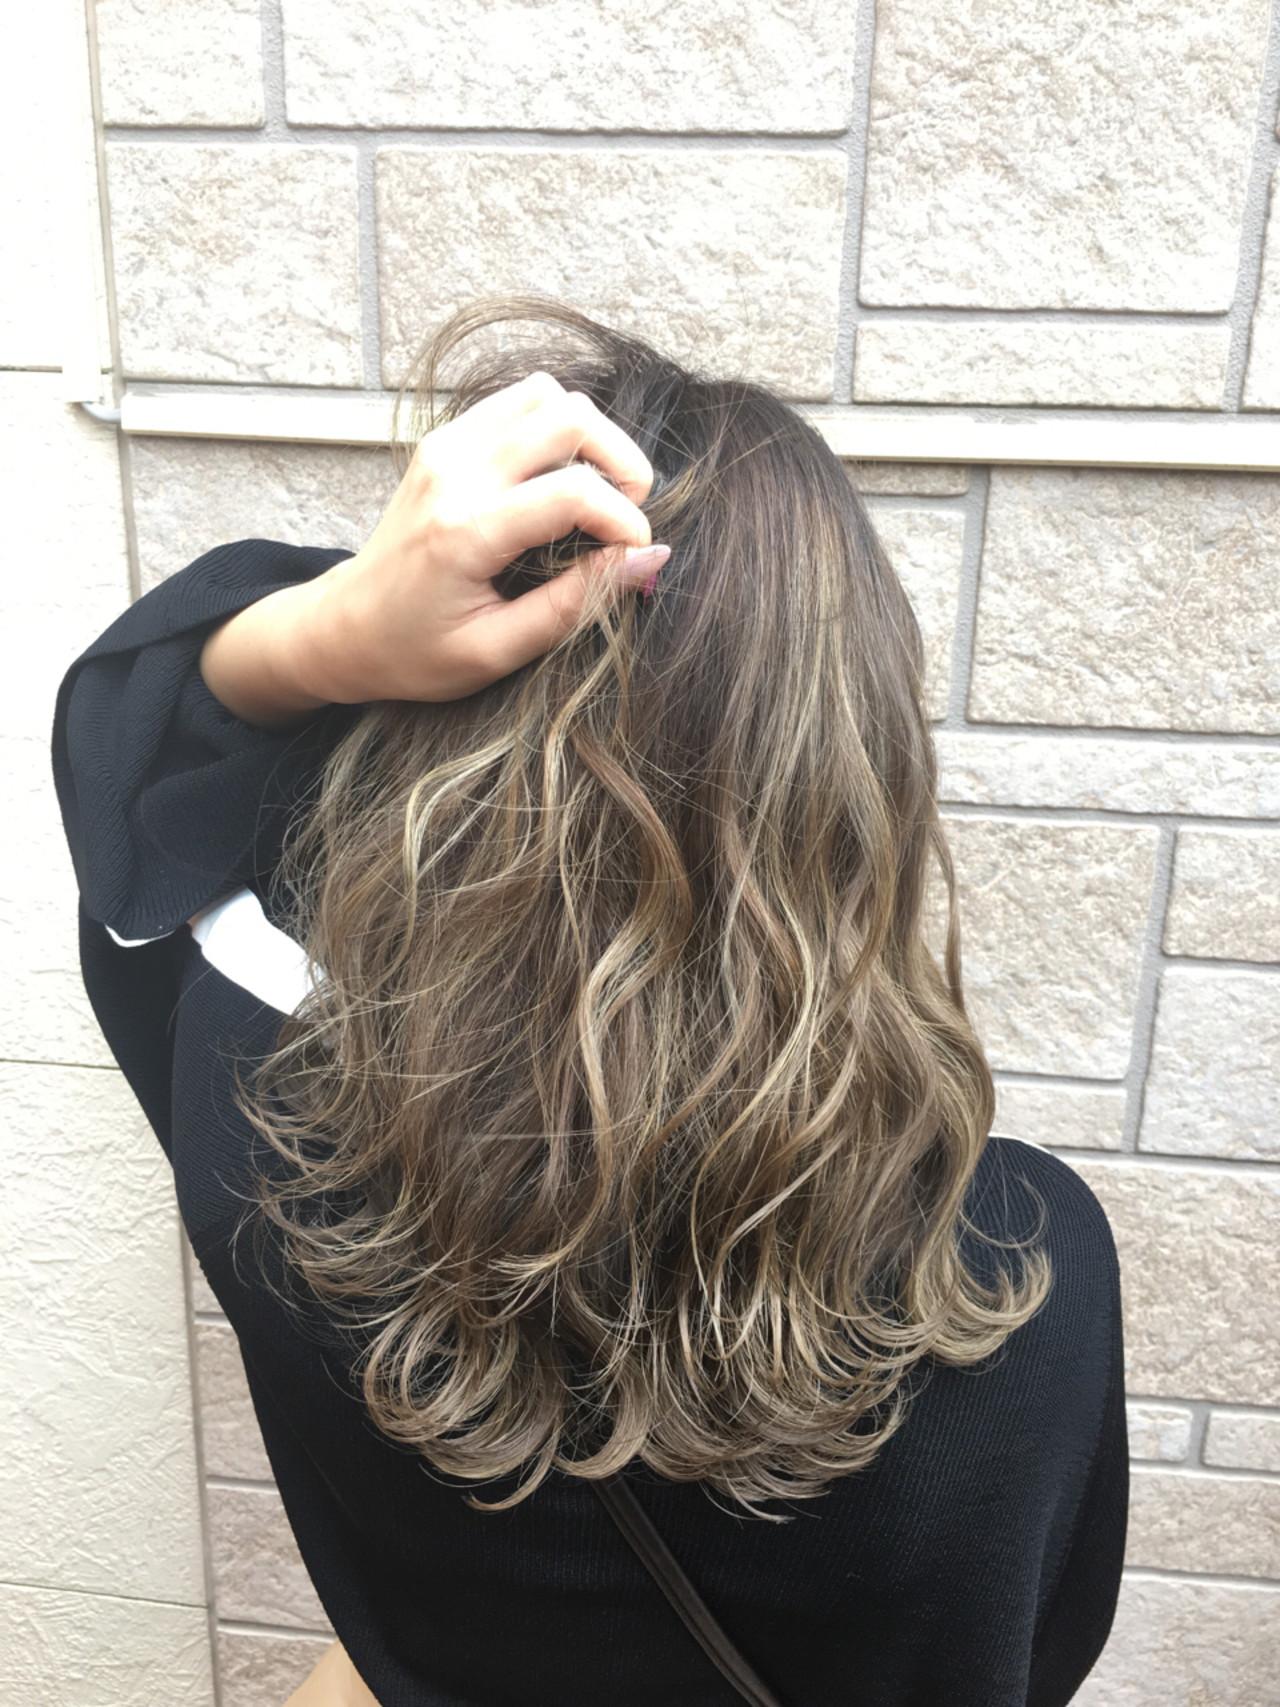 ナチュラル セミロング ハイトーン 外国人風カラー ヘアスタイルや髪型の写真・画像 | 島田 雅斗 / hair design acoustic